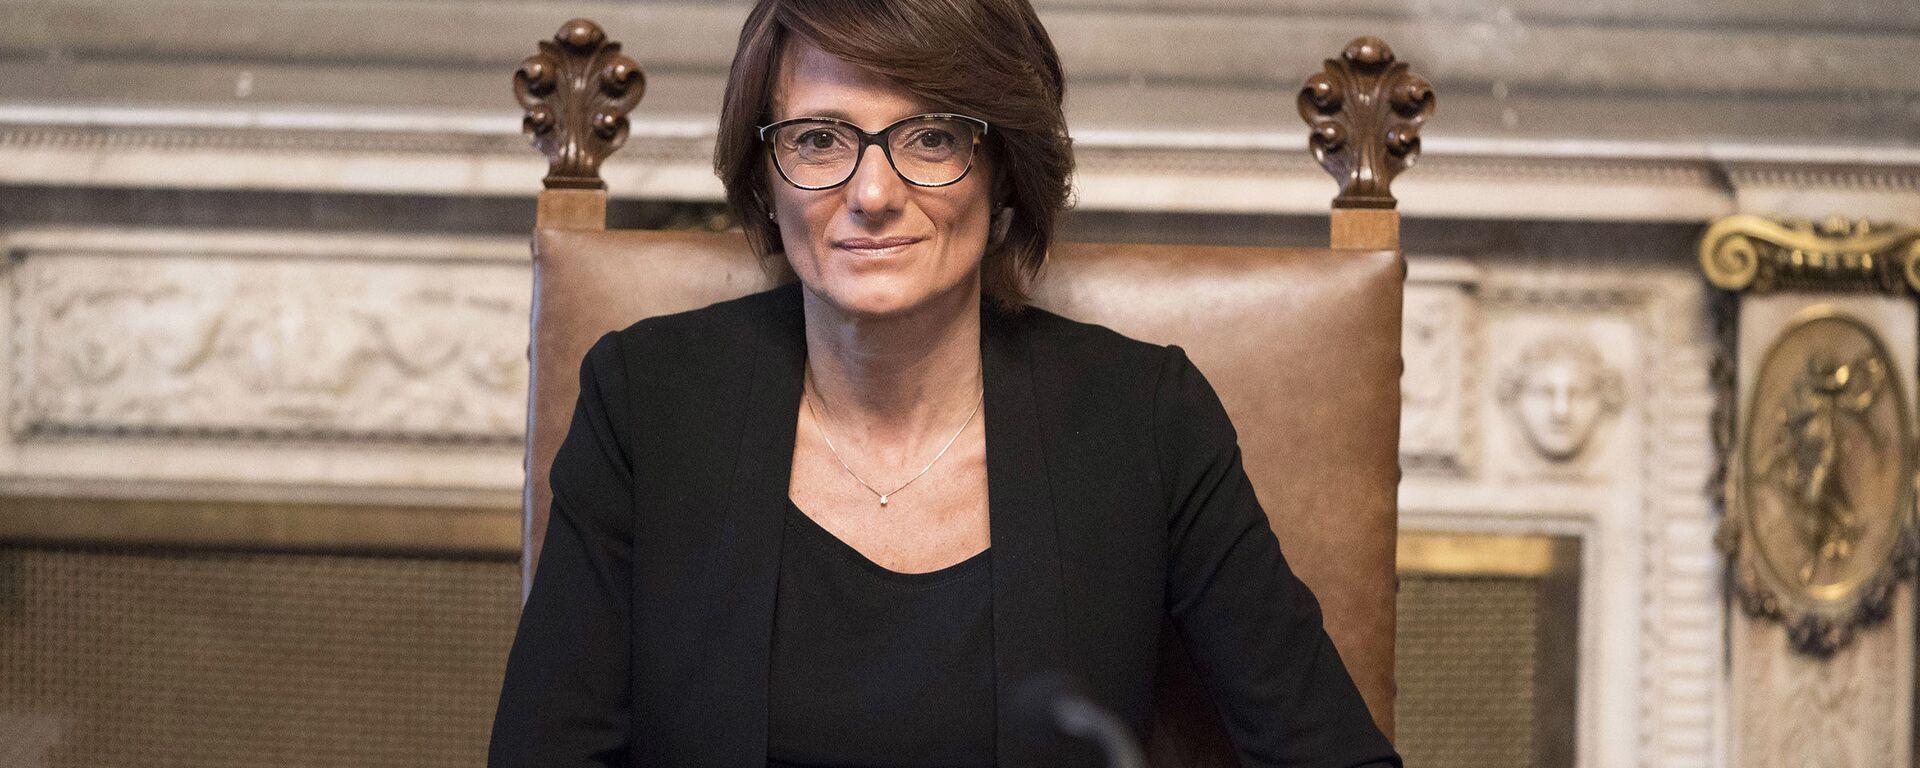 Il Ministro per le Pari Opportunità e la Famiglia, Elena Bonetti - Sputnik Italia, 1920, 21.02.2021